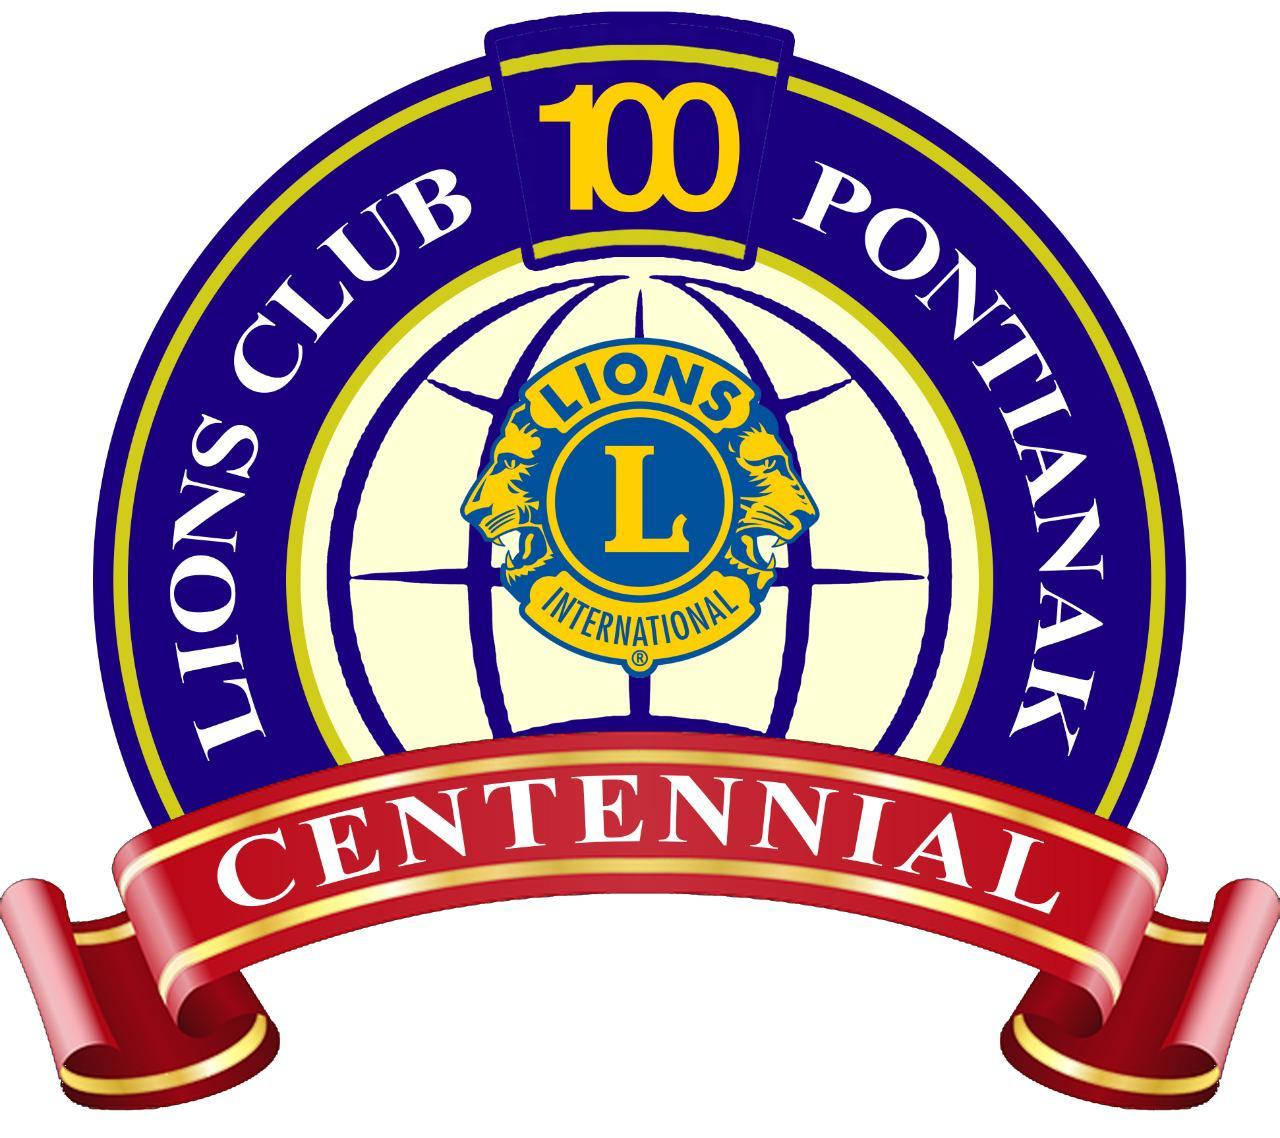 Lions Club Pontianak Centennial